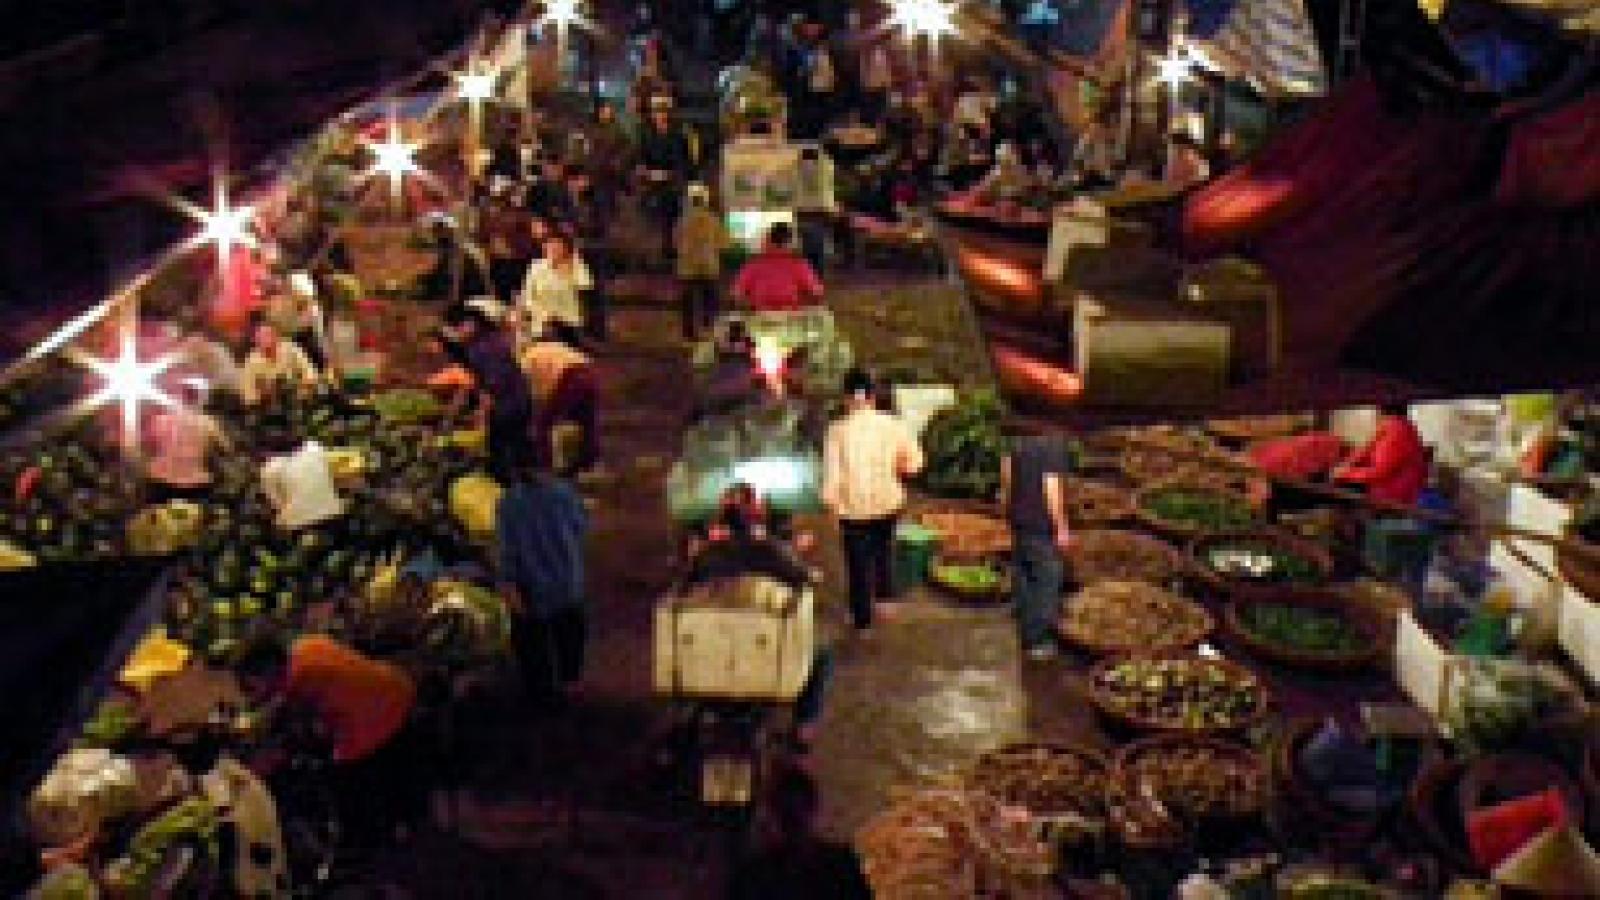 Conde Nast Traveler lists Long Bien Market a world's best